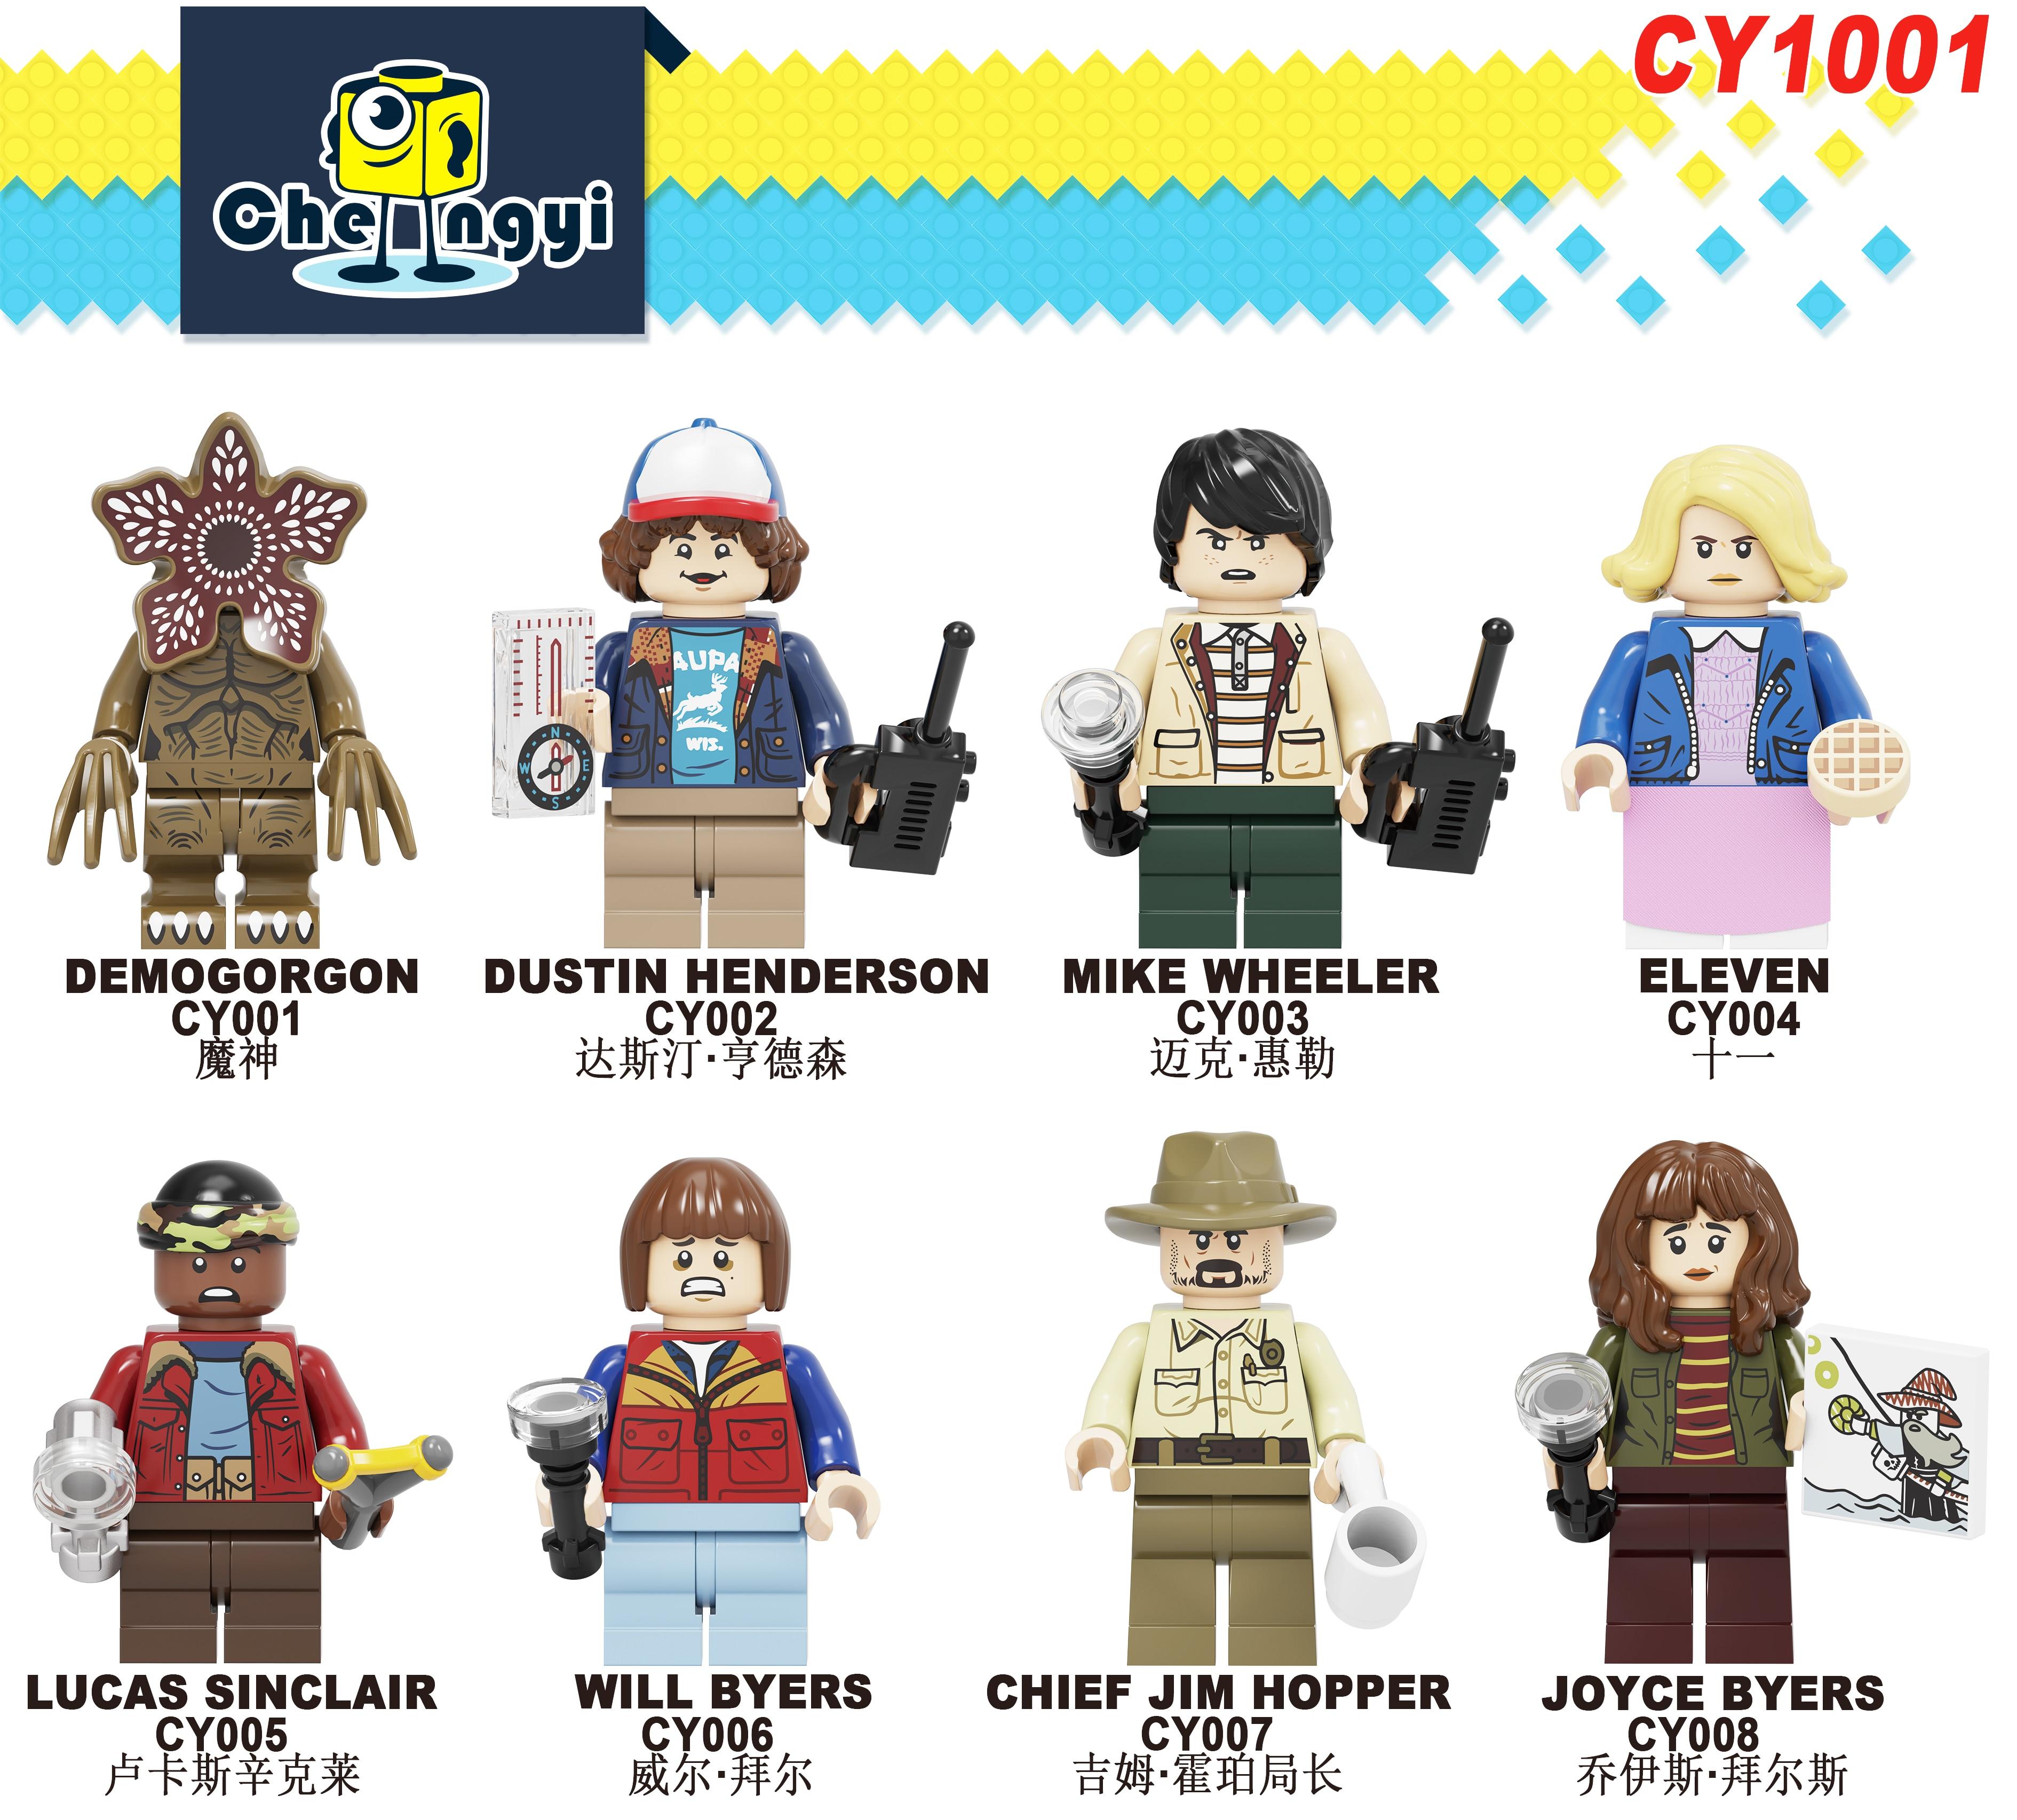 Blocos de Construção CY1001 Demogorgon Dustin Mike Henderson Wheeler Onze Lucas Sinclair Vai Byers Figuras Bricks Brinquedos para Crianças